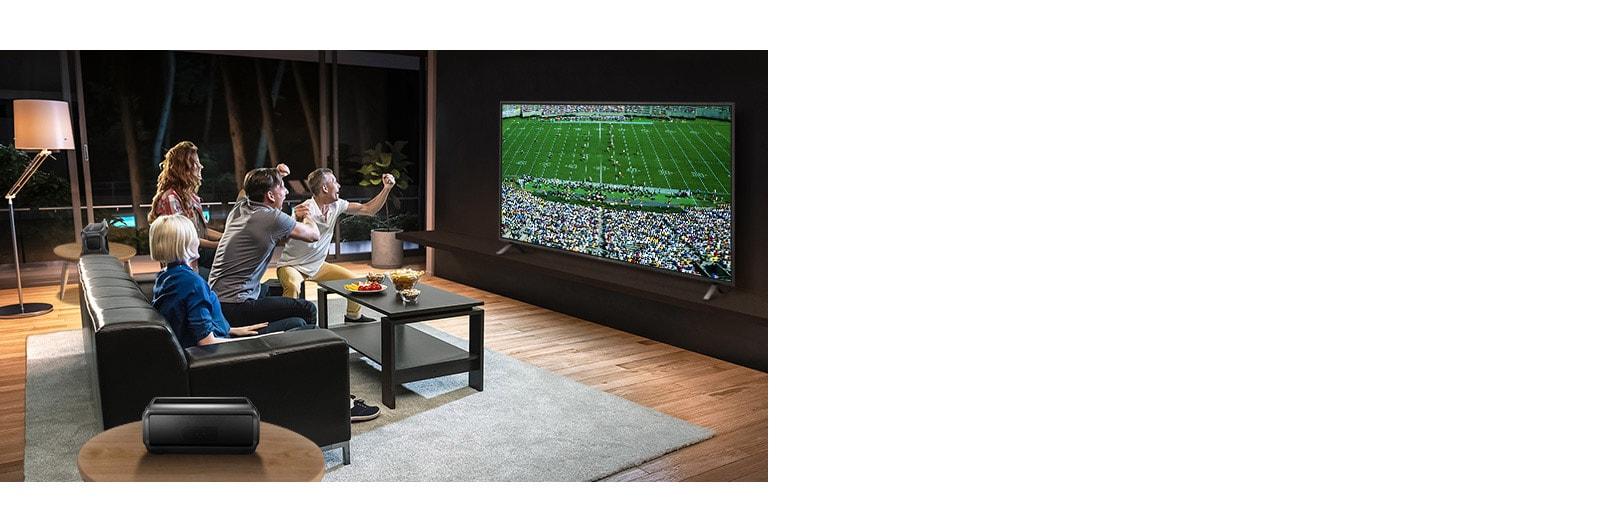 Ľudia sledujúci športový zápas na televízore v obývačke so zadnými reproduktormi pripojenými cez Bluetooth.